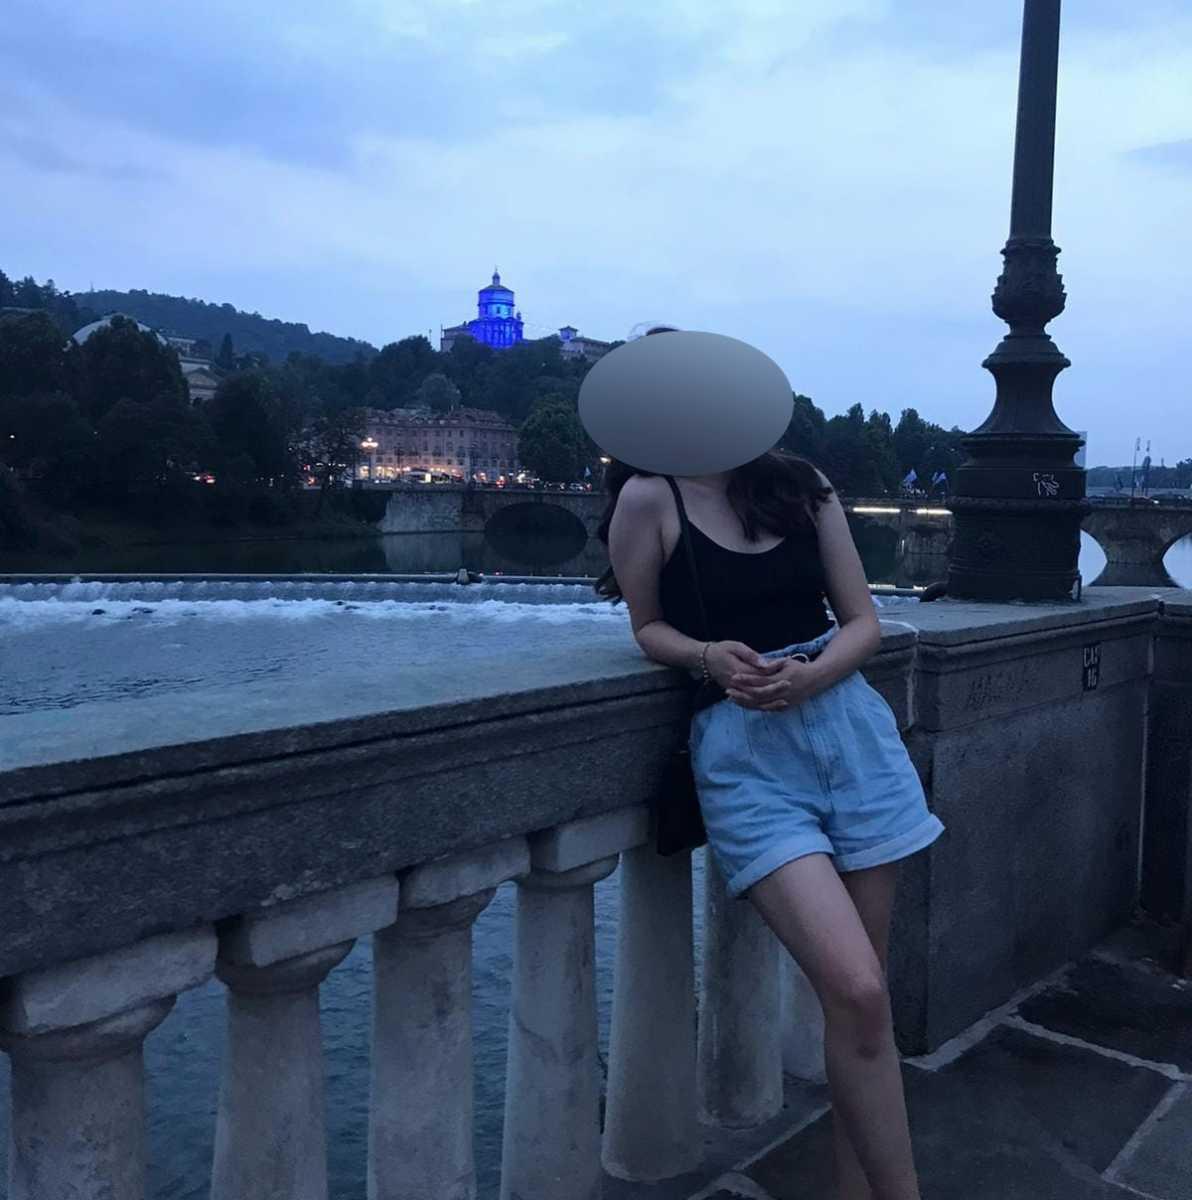 Τορίνο: Σε κρίσιμη κατάσταση 20χρονη Ελληνίδα φοιτήτρια-Την μαχαίρωσε 27χρονος Αλβανός[video]